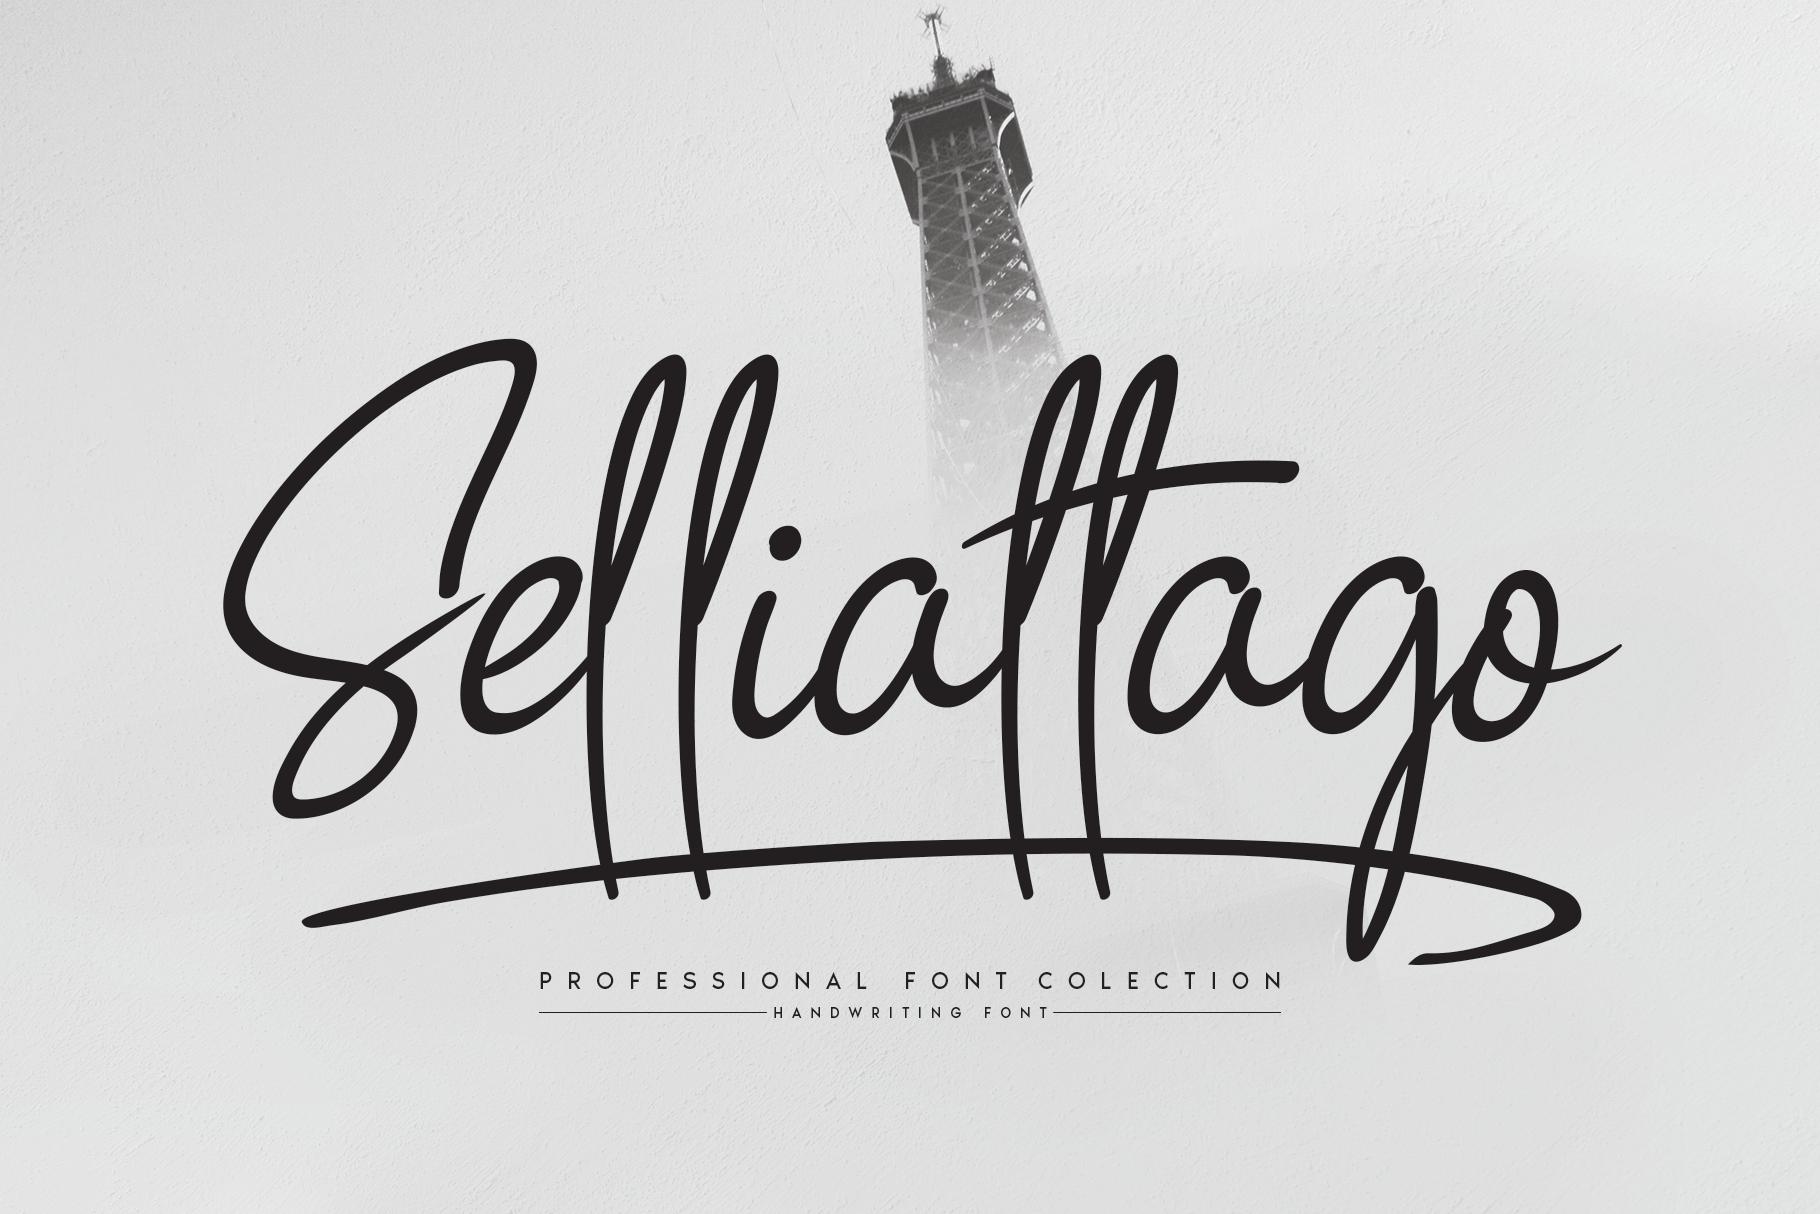 Selliattago